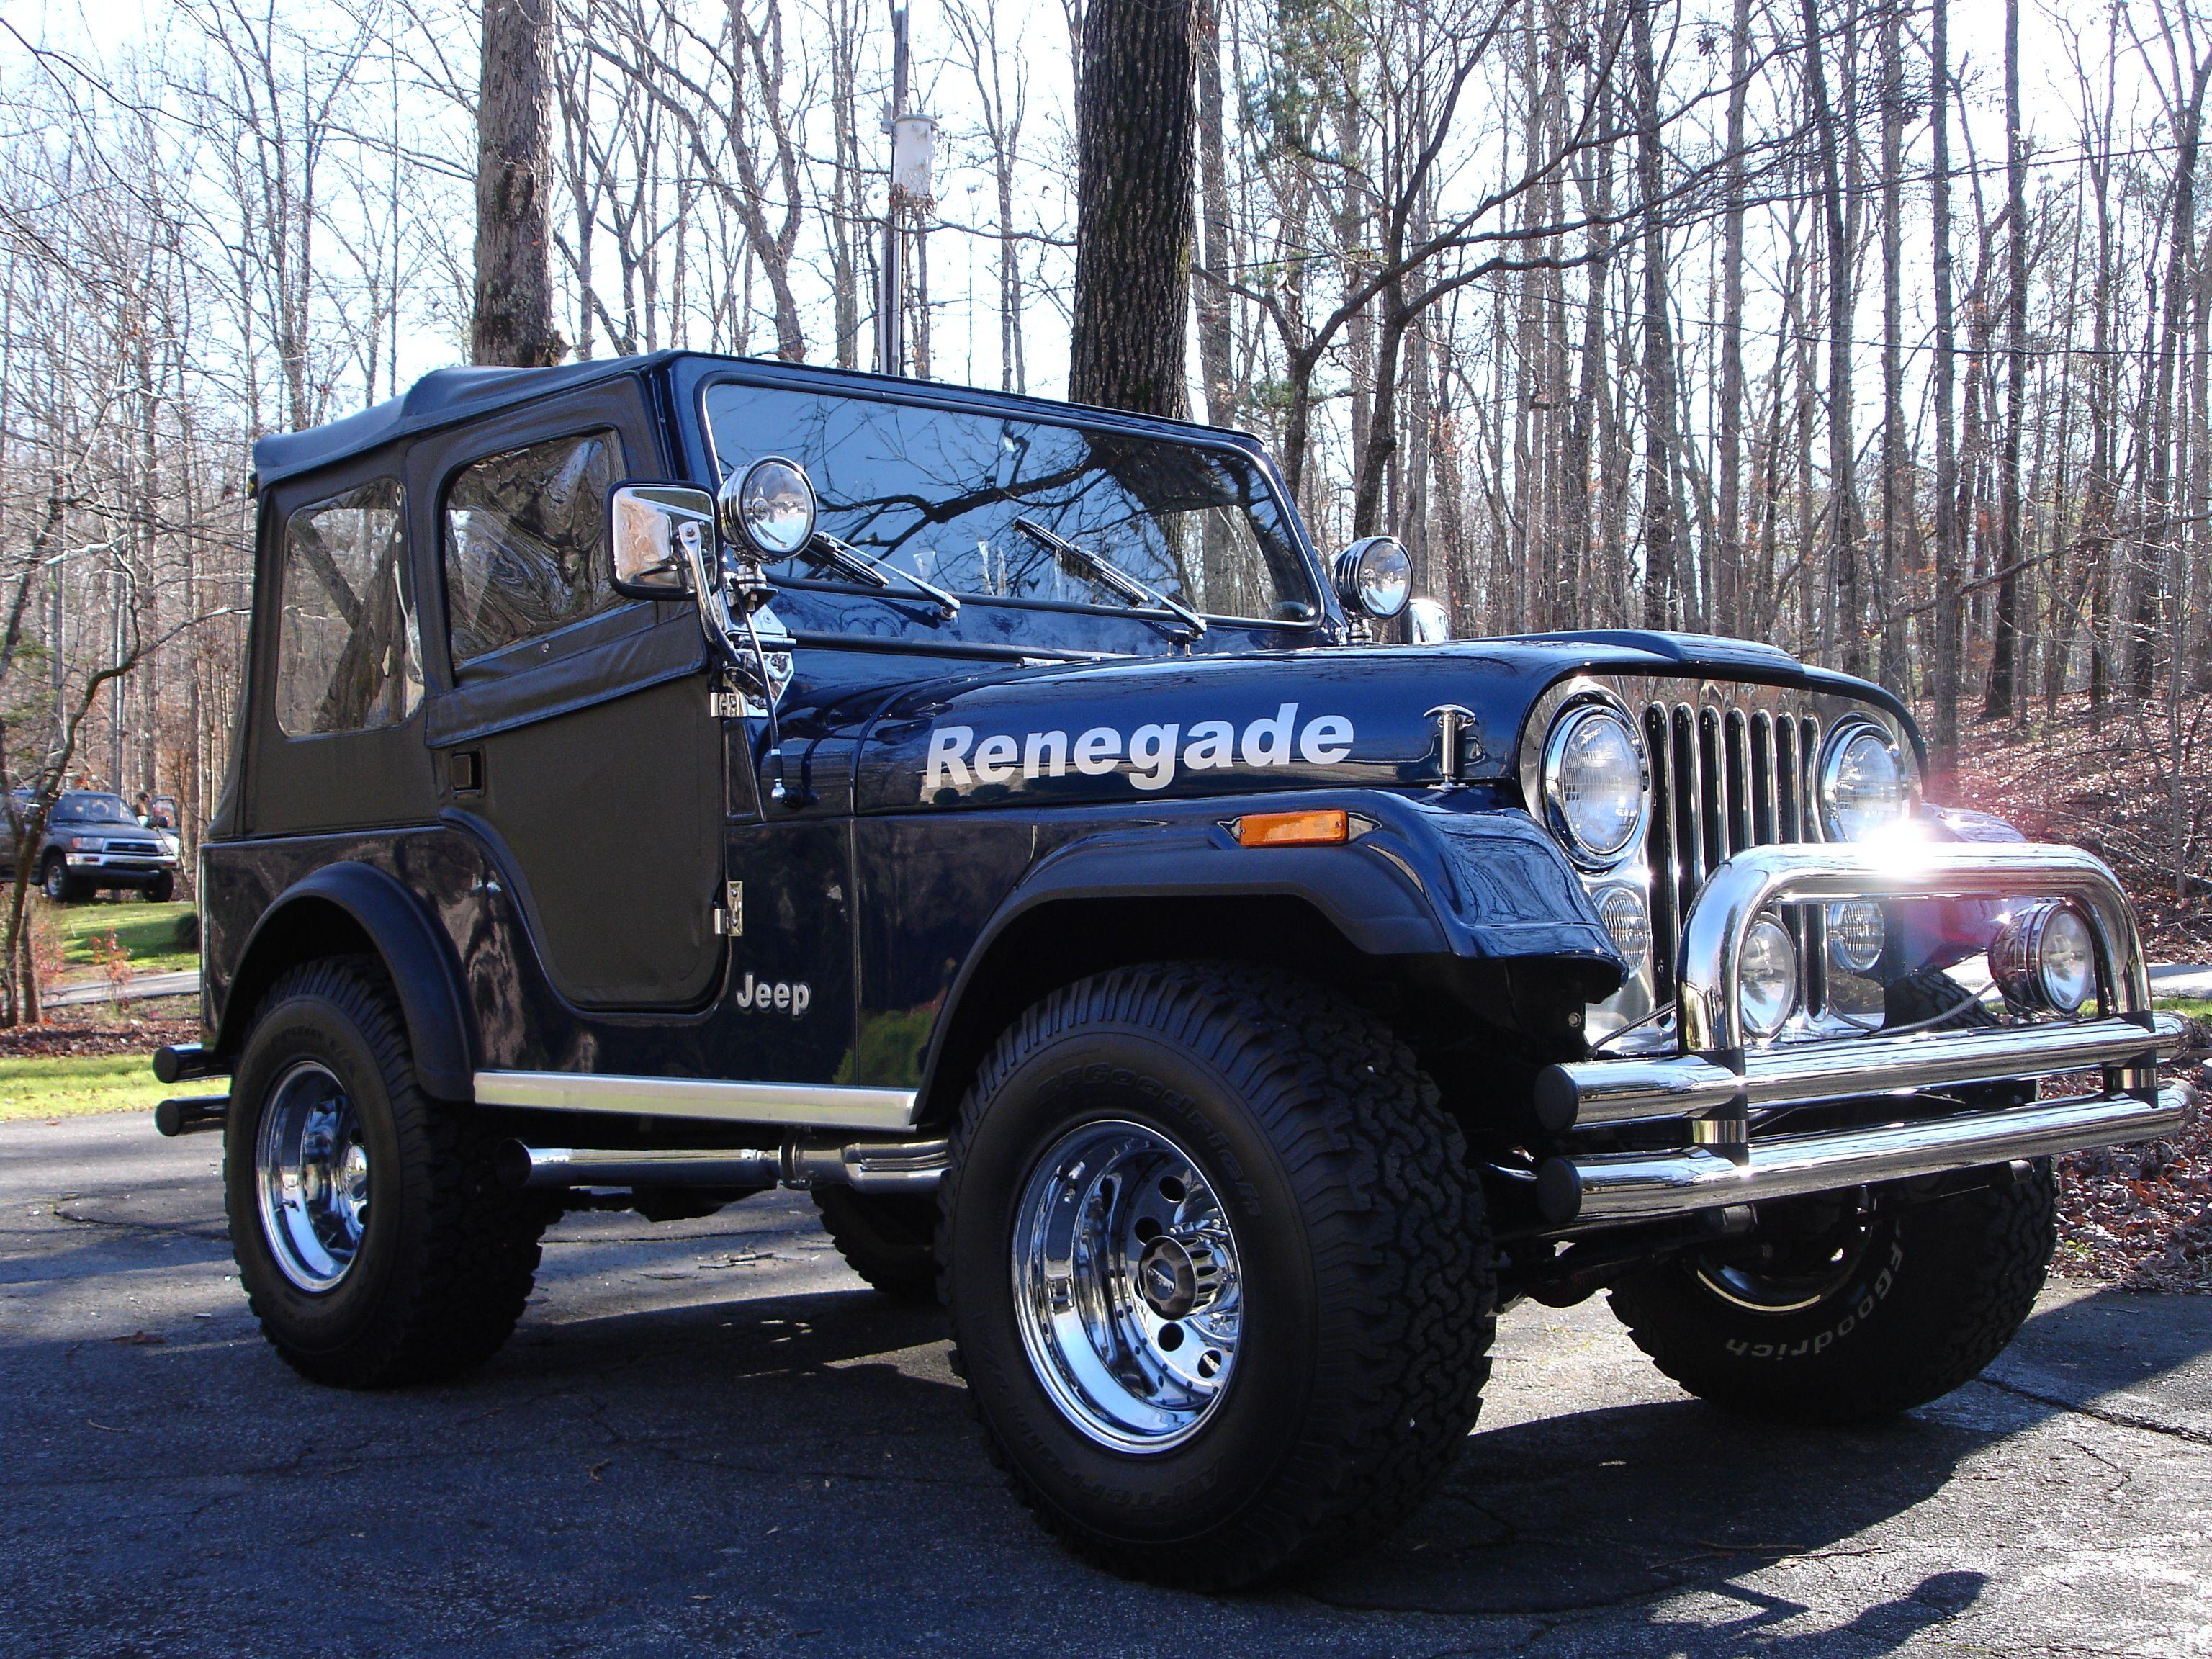 medium resolution of 1981 jeep cj5 304 4sp jeep cj7 jeep renegade jeeps offroad 4x4